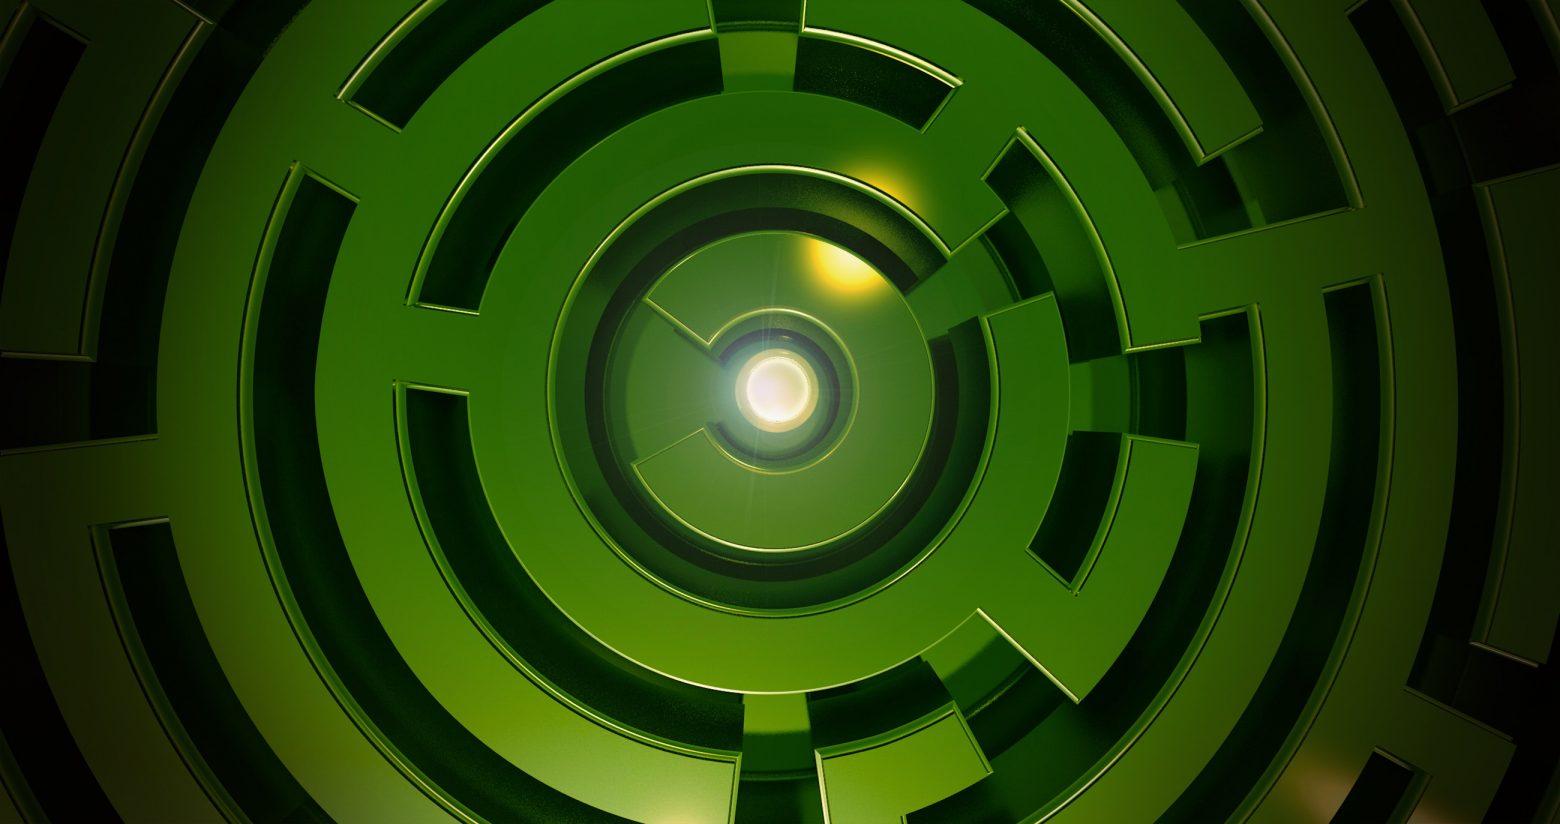 green-light-2326574